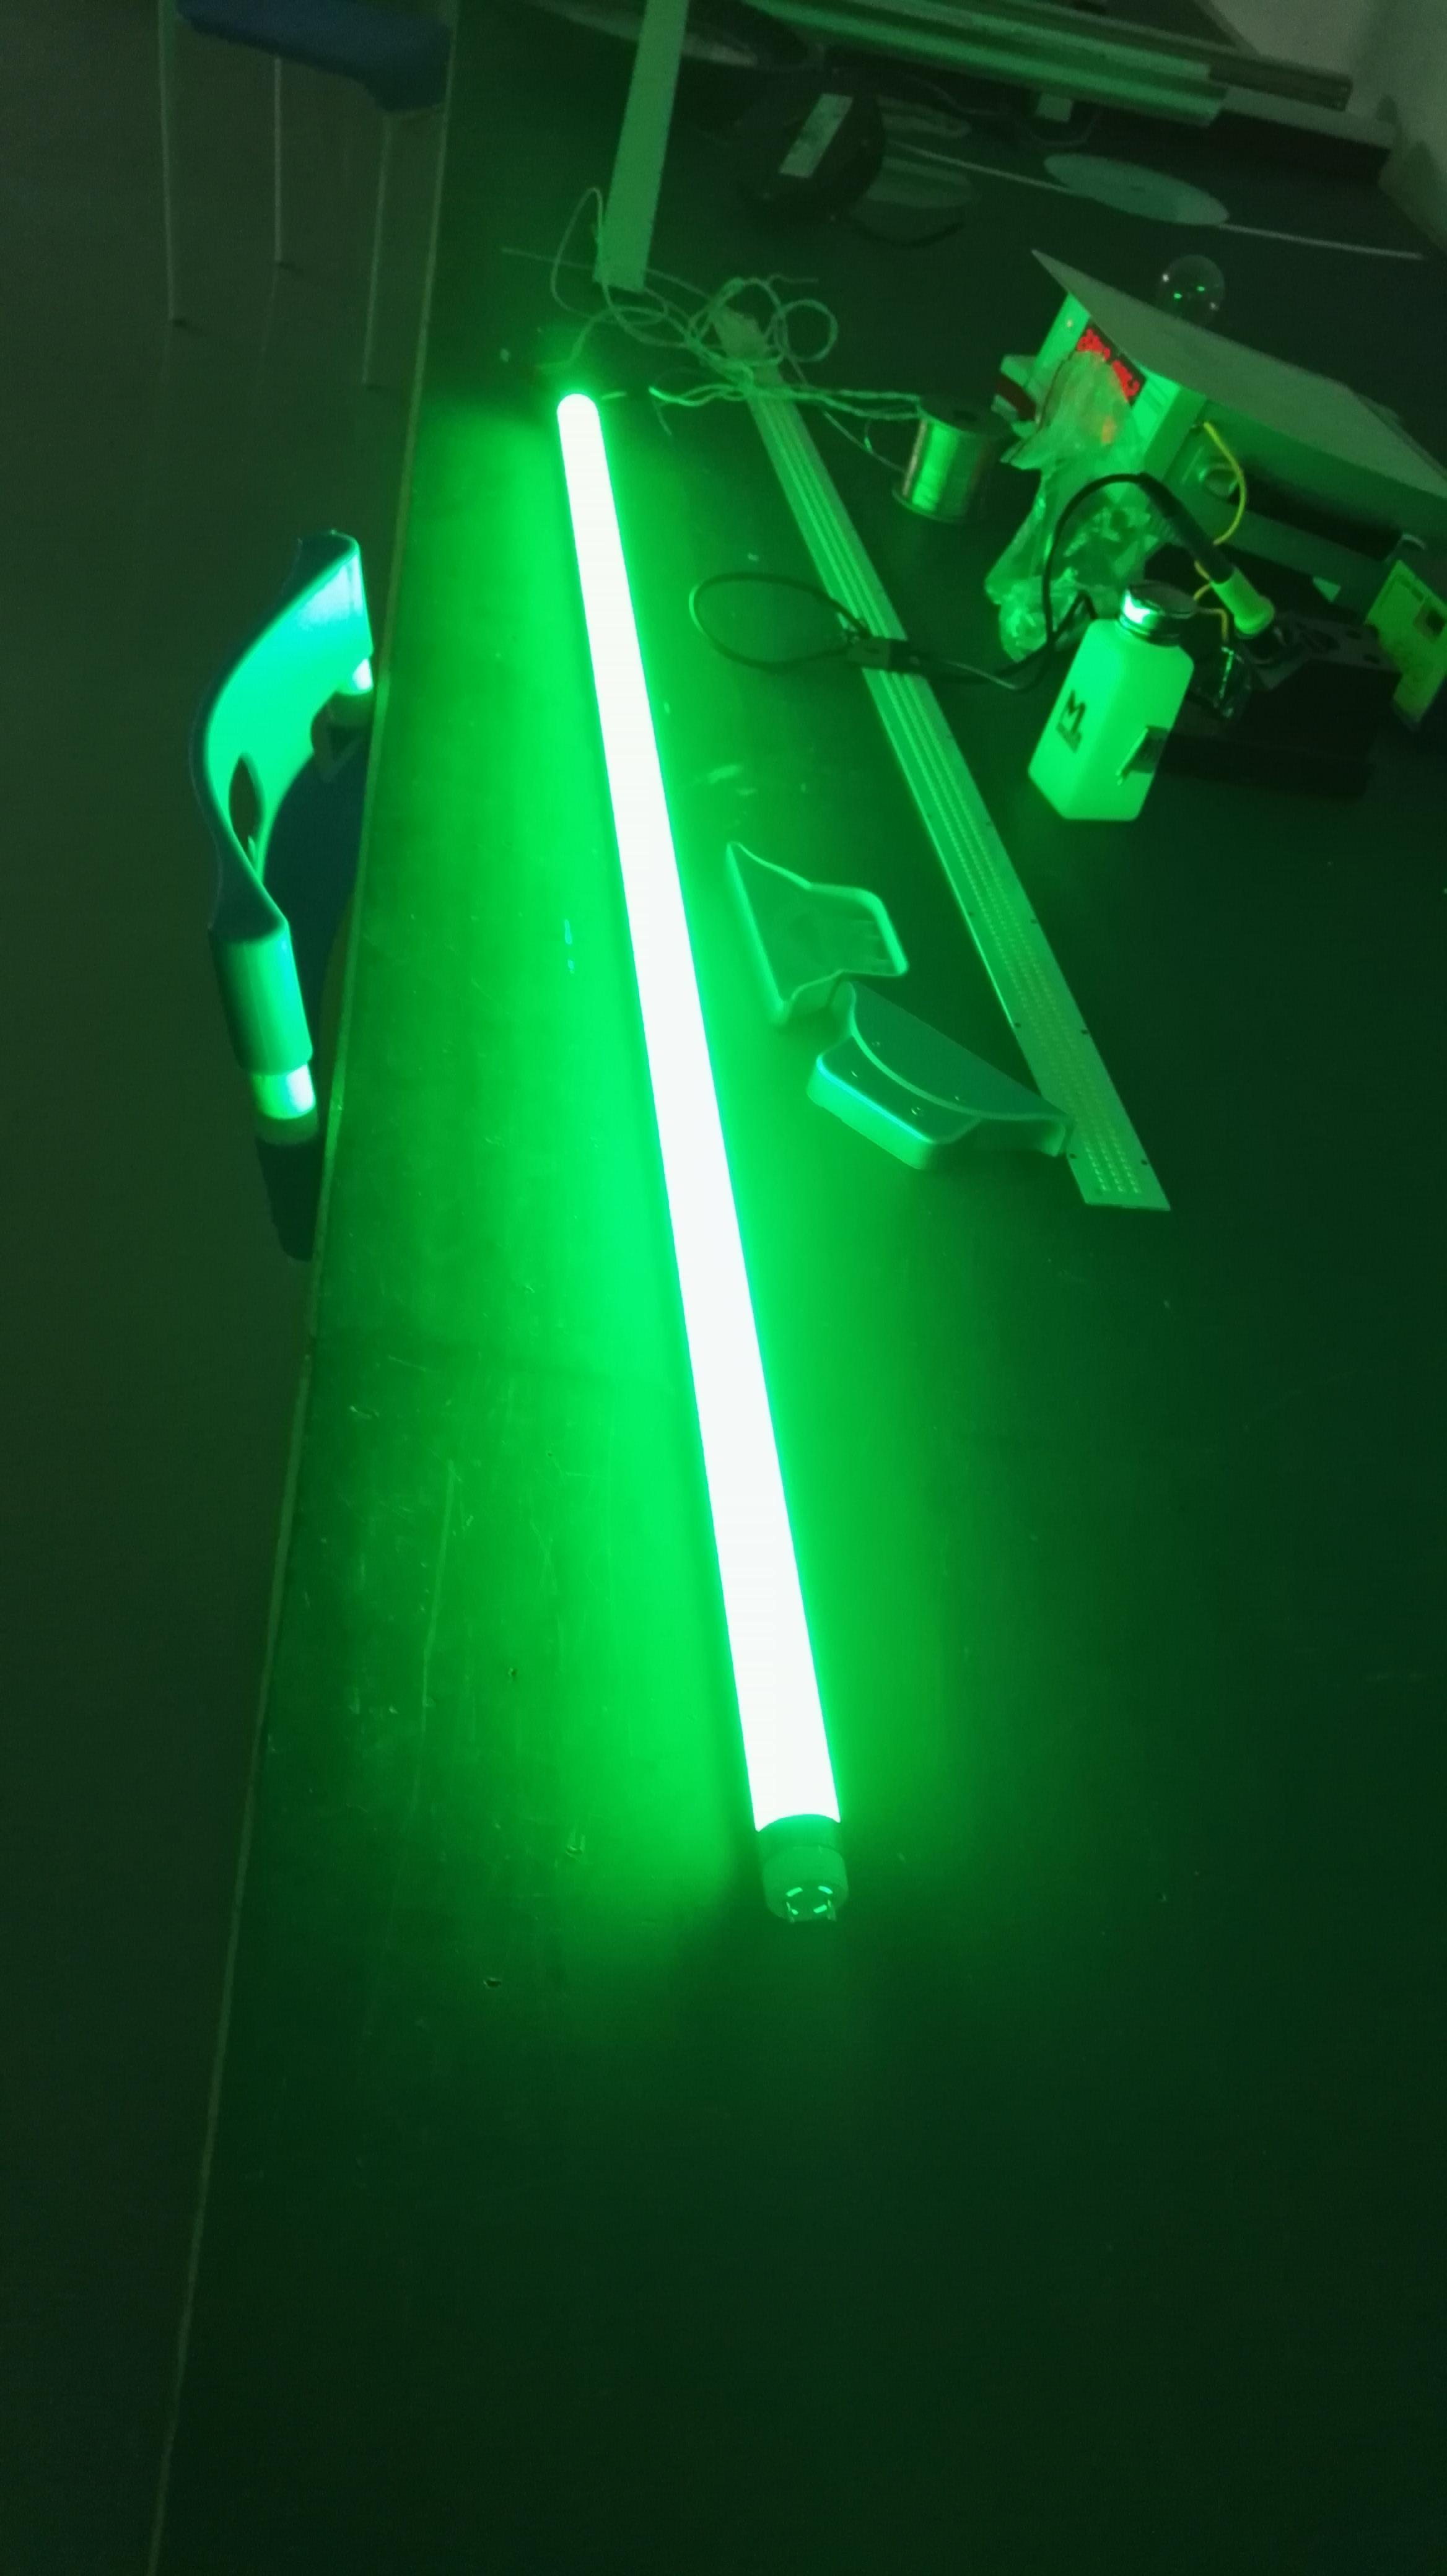 Als Je De Groene Lichten Ziet – Tandem K